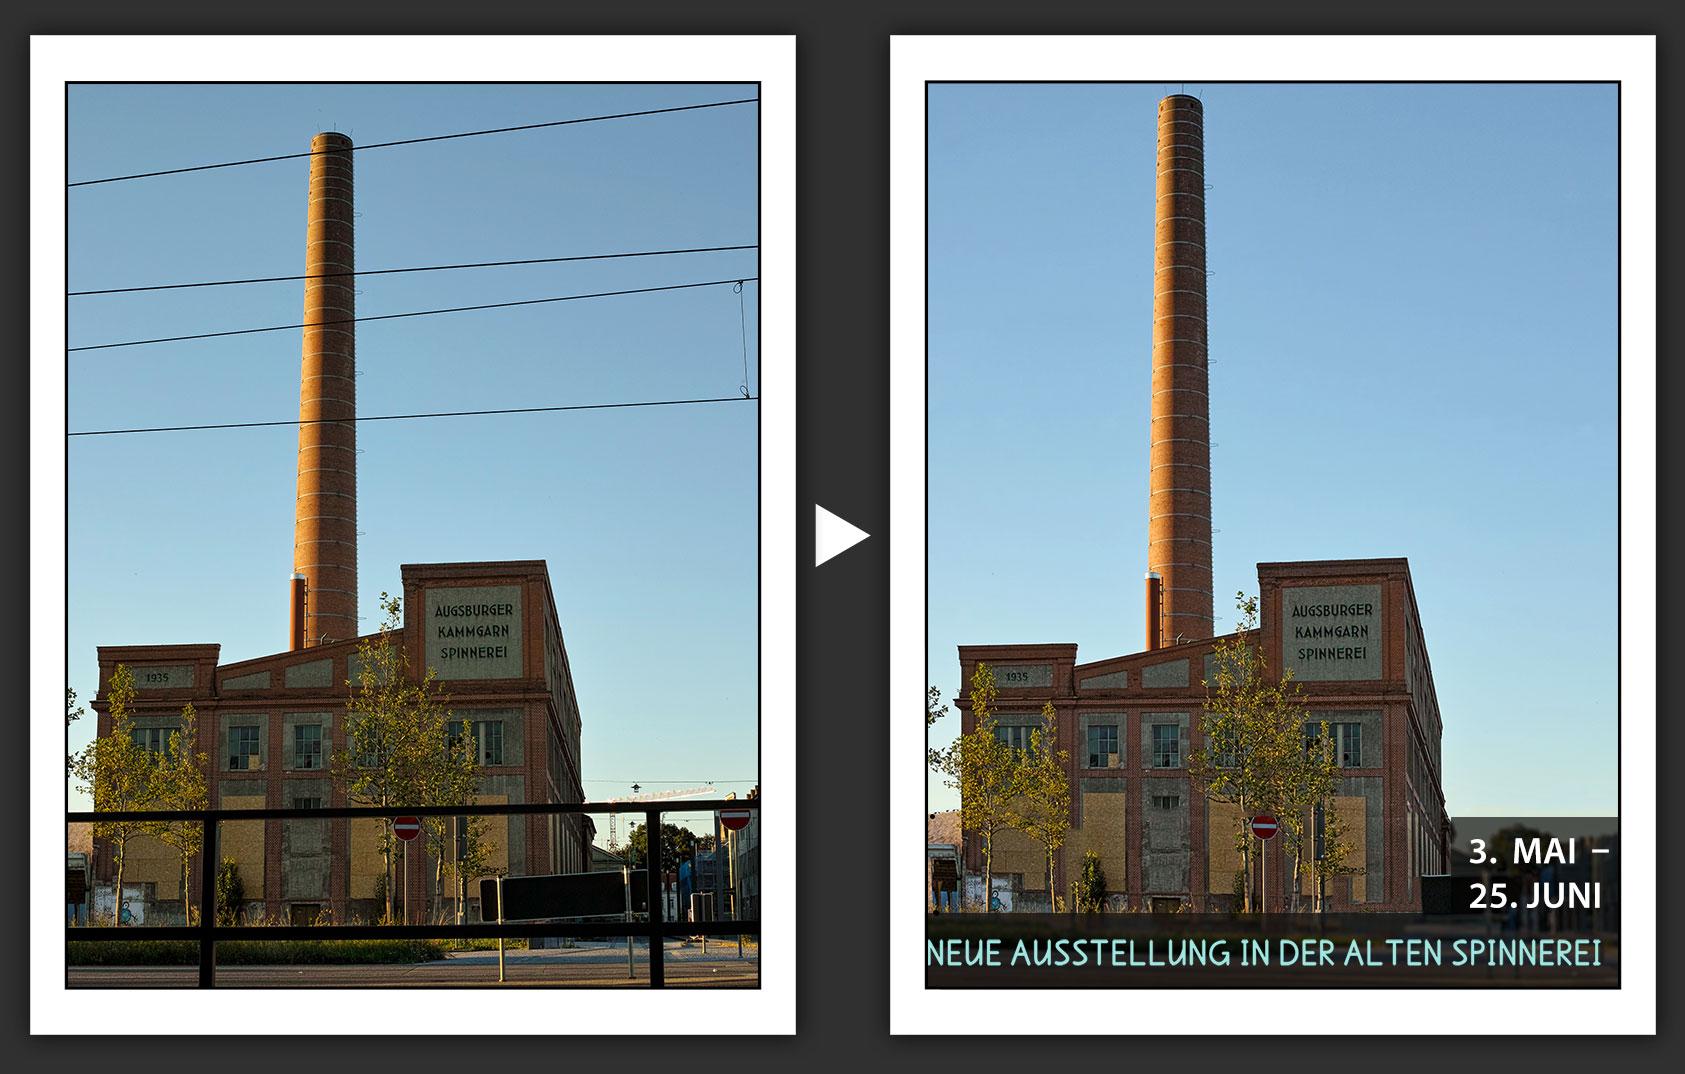 wie sie in photoshop schnell störende elemente aus outdoor-aufnahmen